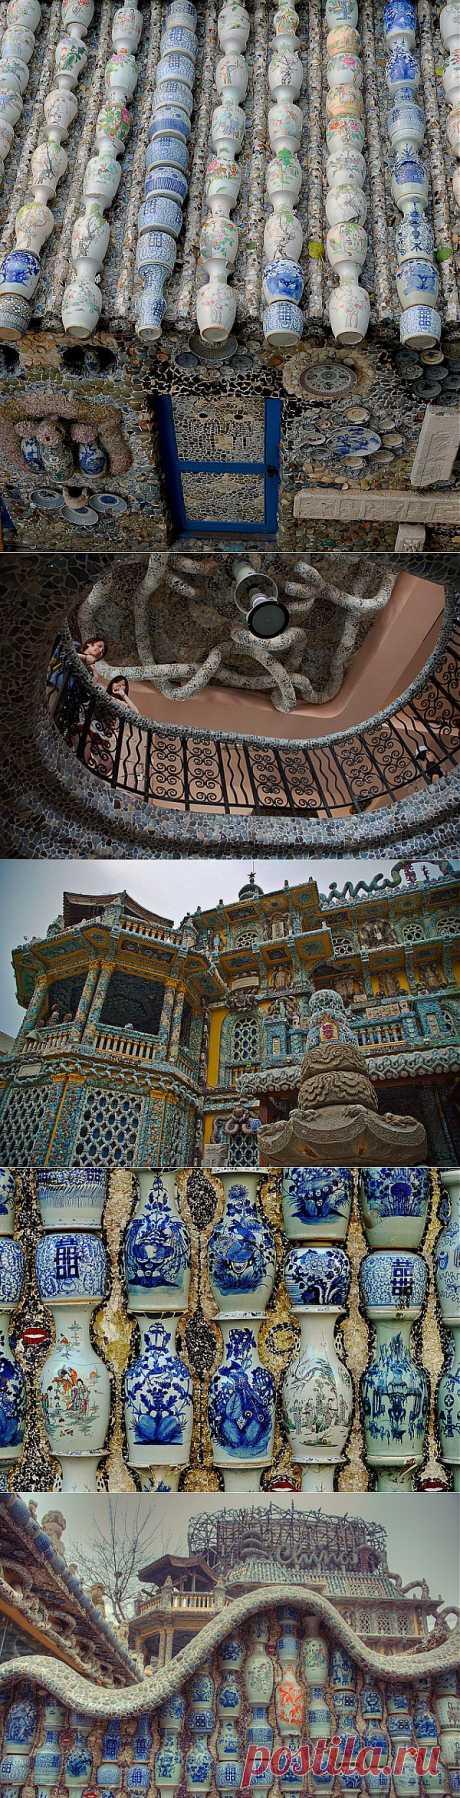 Фарфоровый дворец в Китае | Непутевые заметки